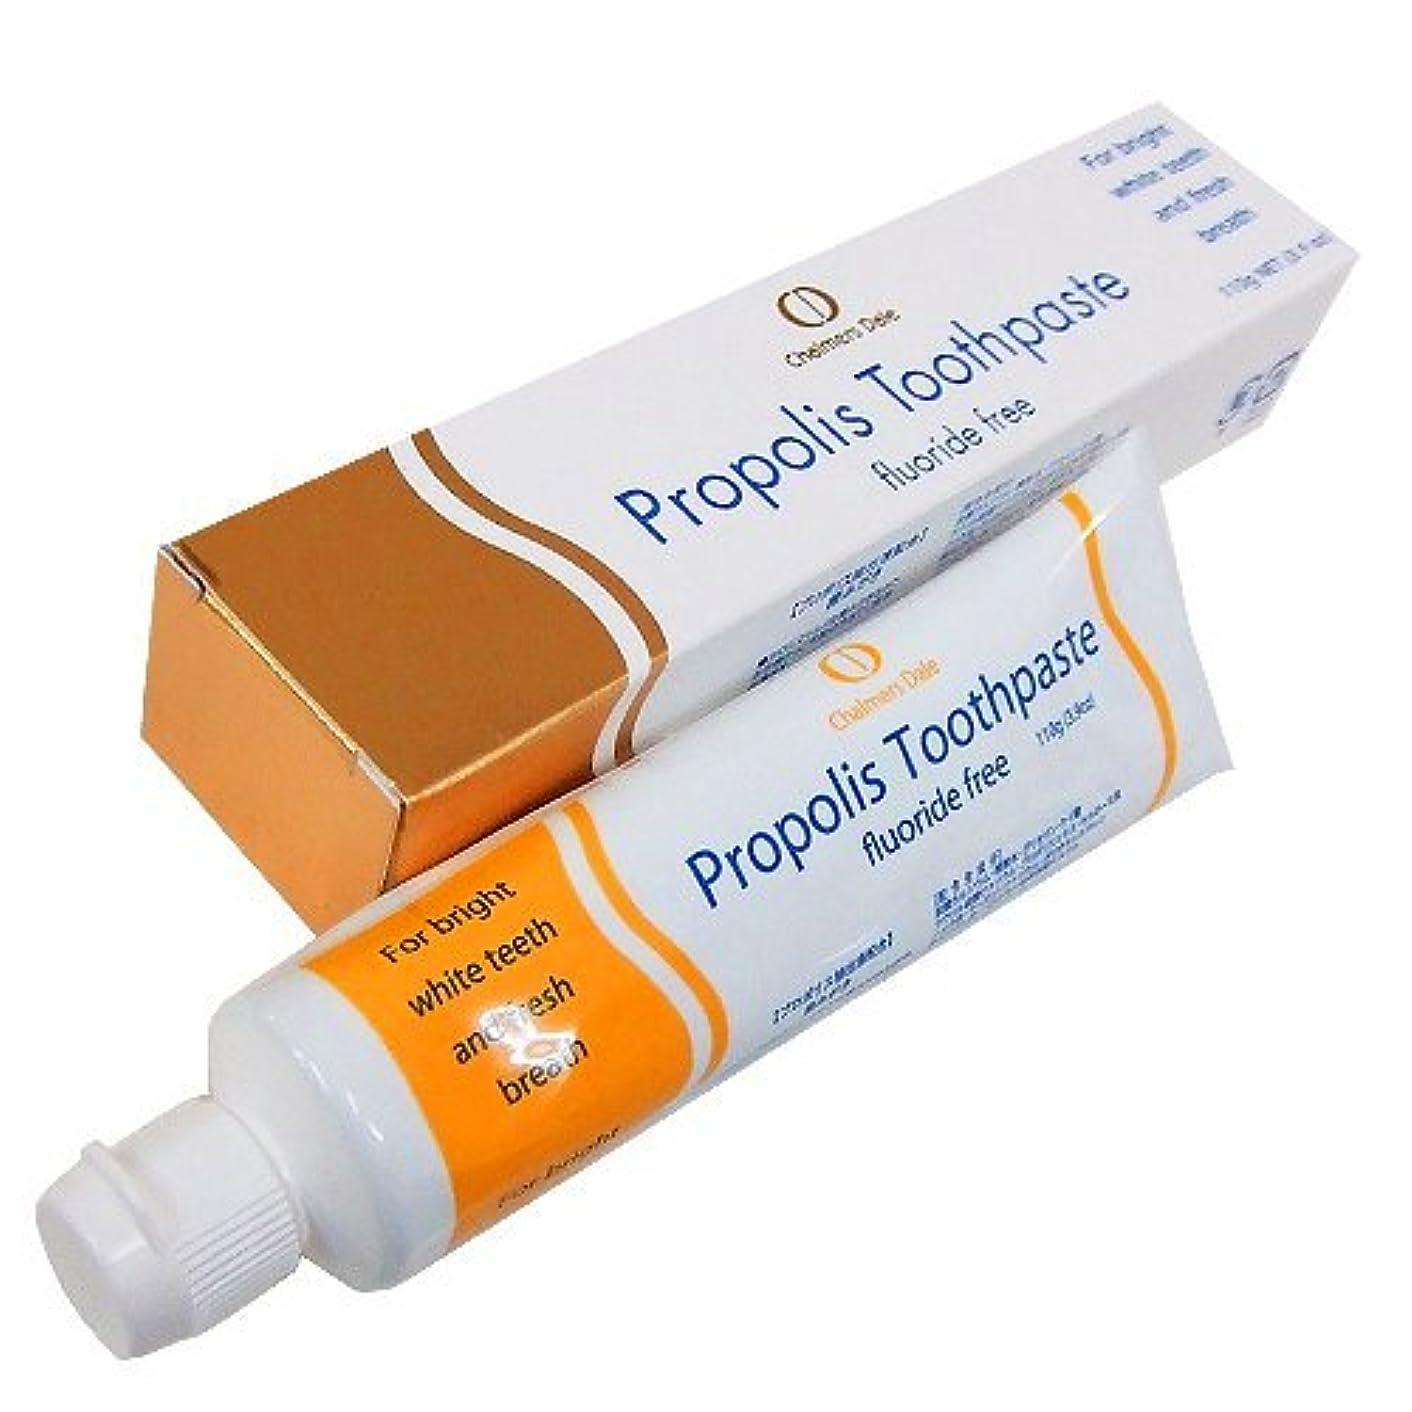 そしてしなやかな勝つプロポリス歯磨き 110g フッ素は配合していません